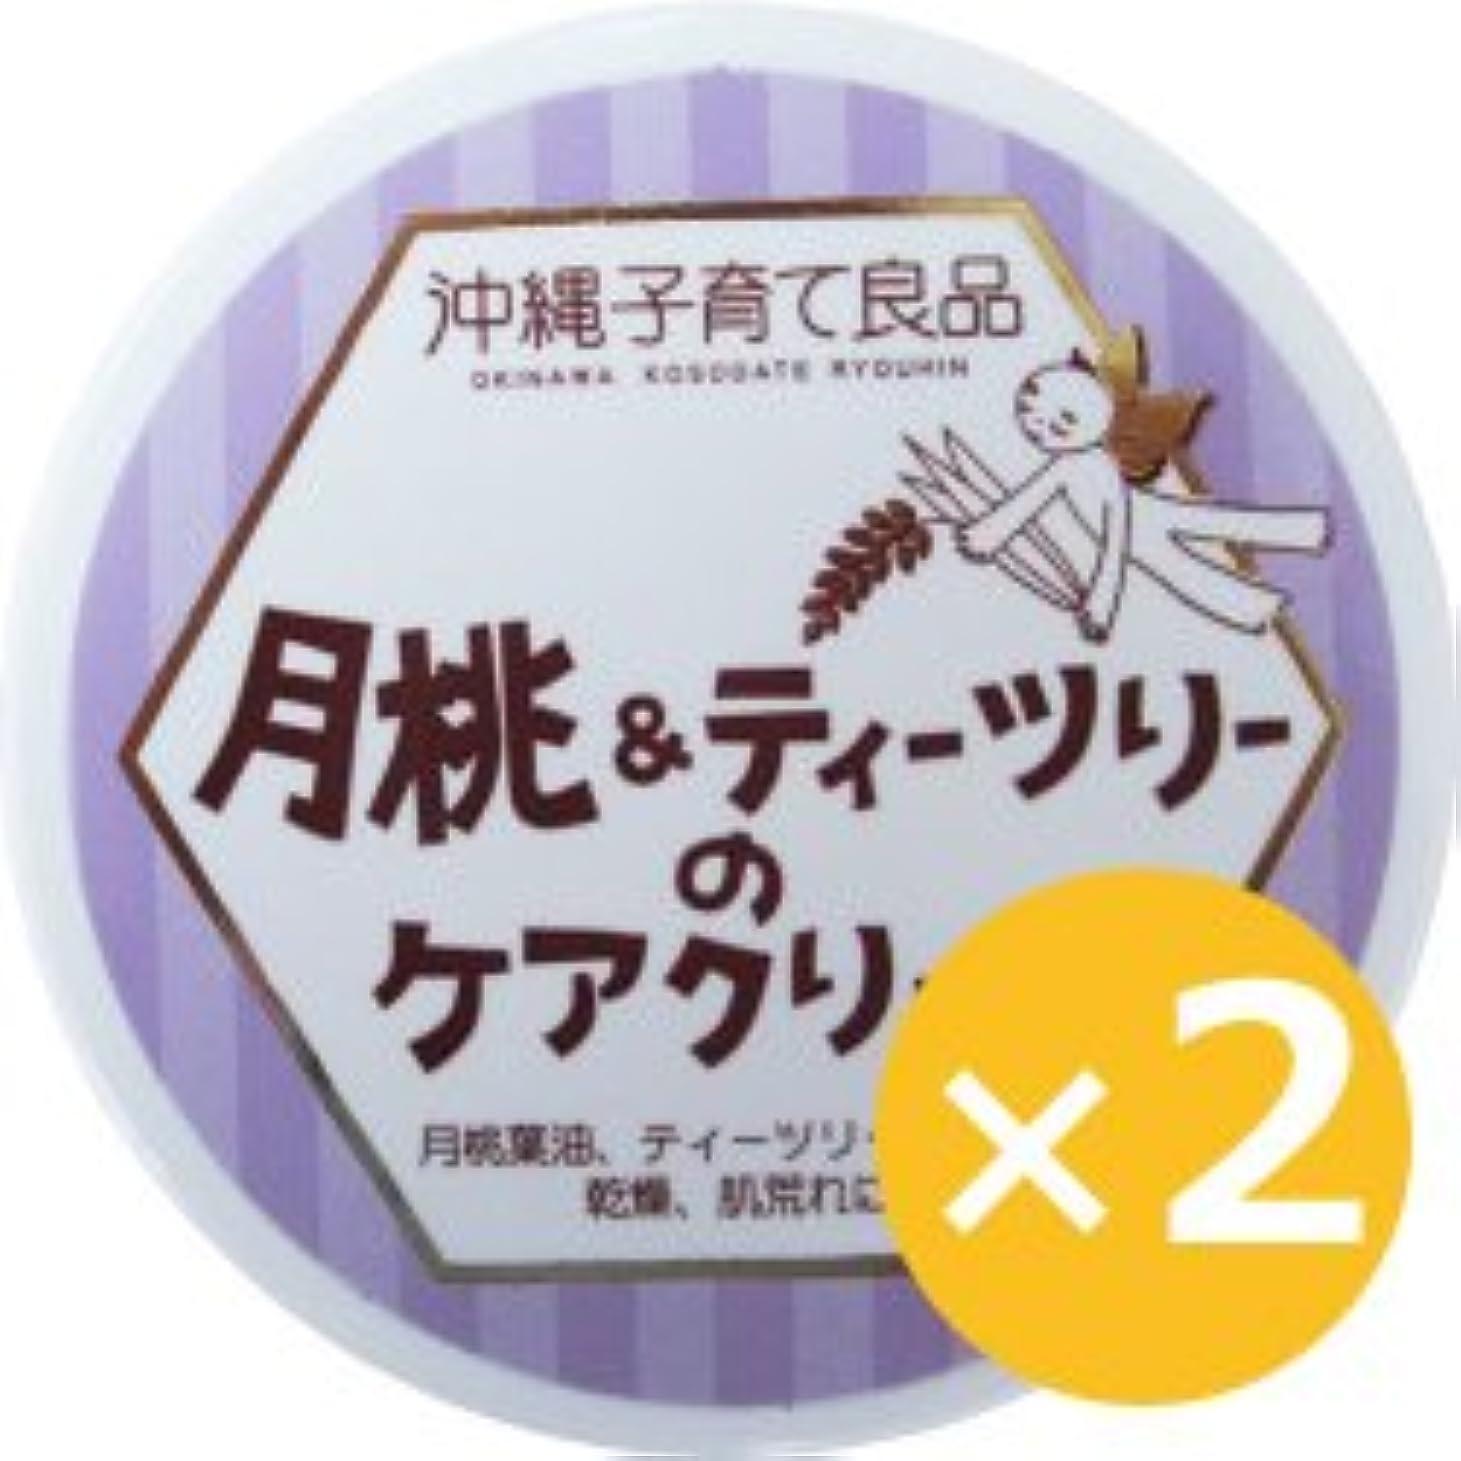 地域推論白雪姫月桃&ティーツリークリーム 25g×2